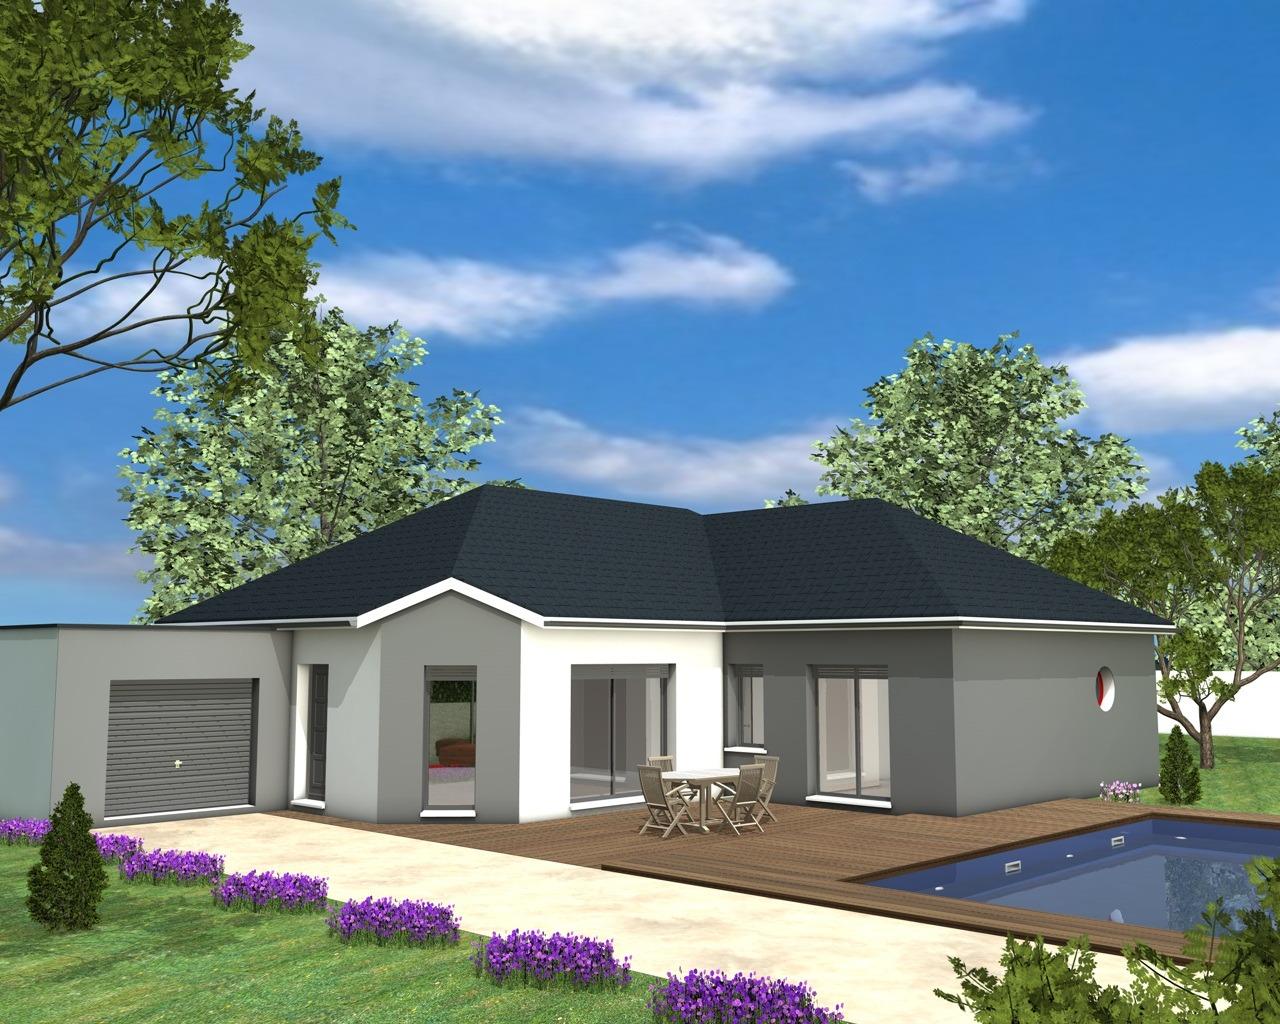 maison plain pied garage toit plat